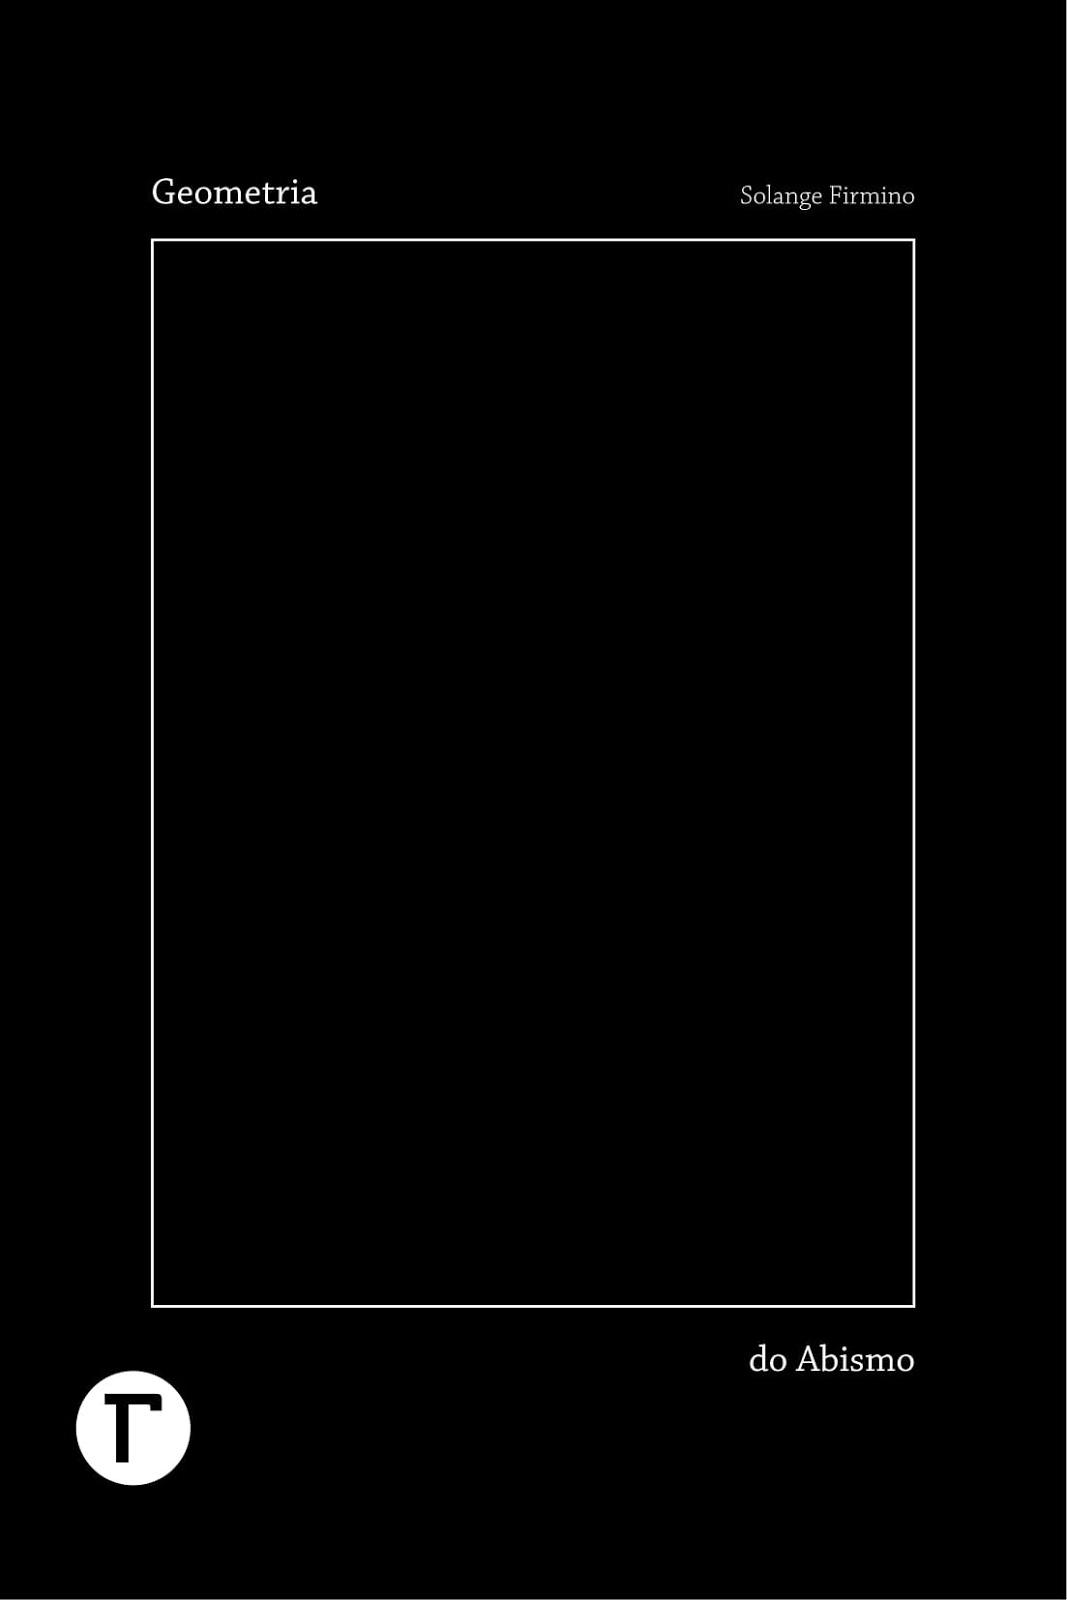 capa do livro 'Geometria do abismo'